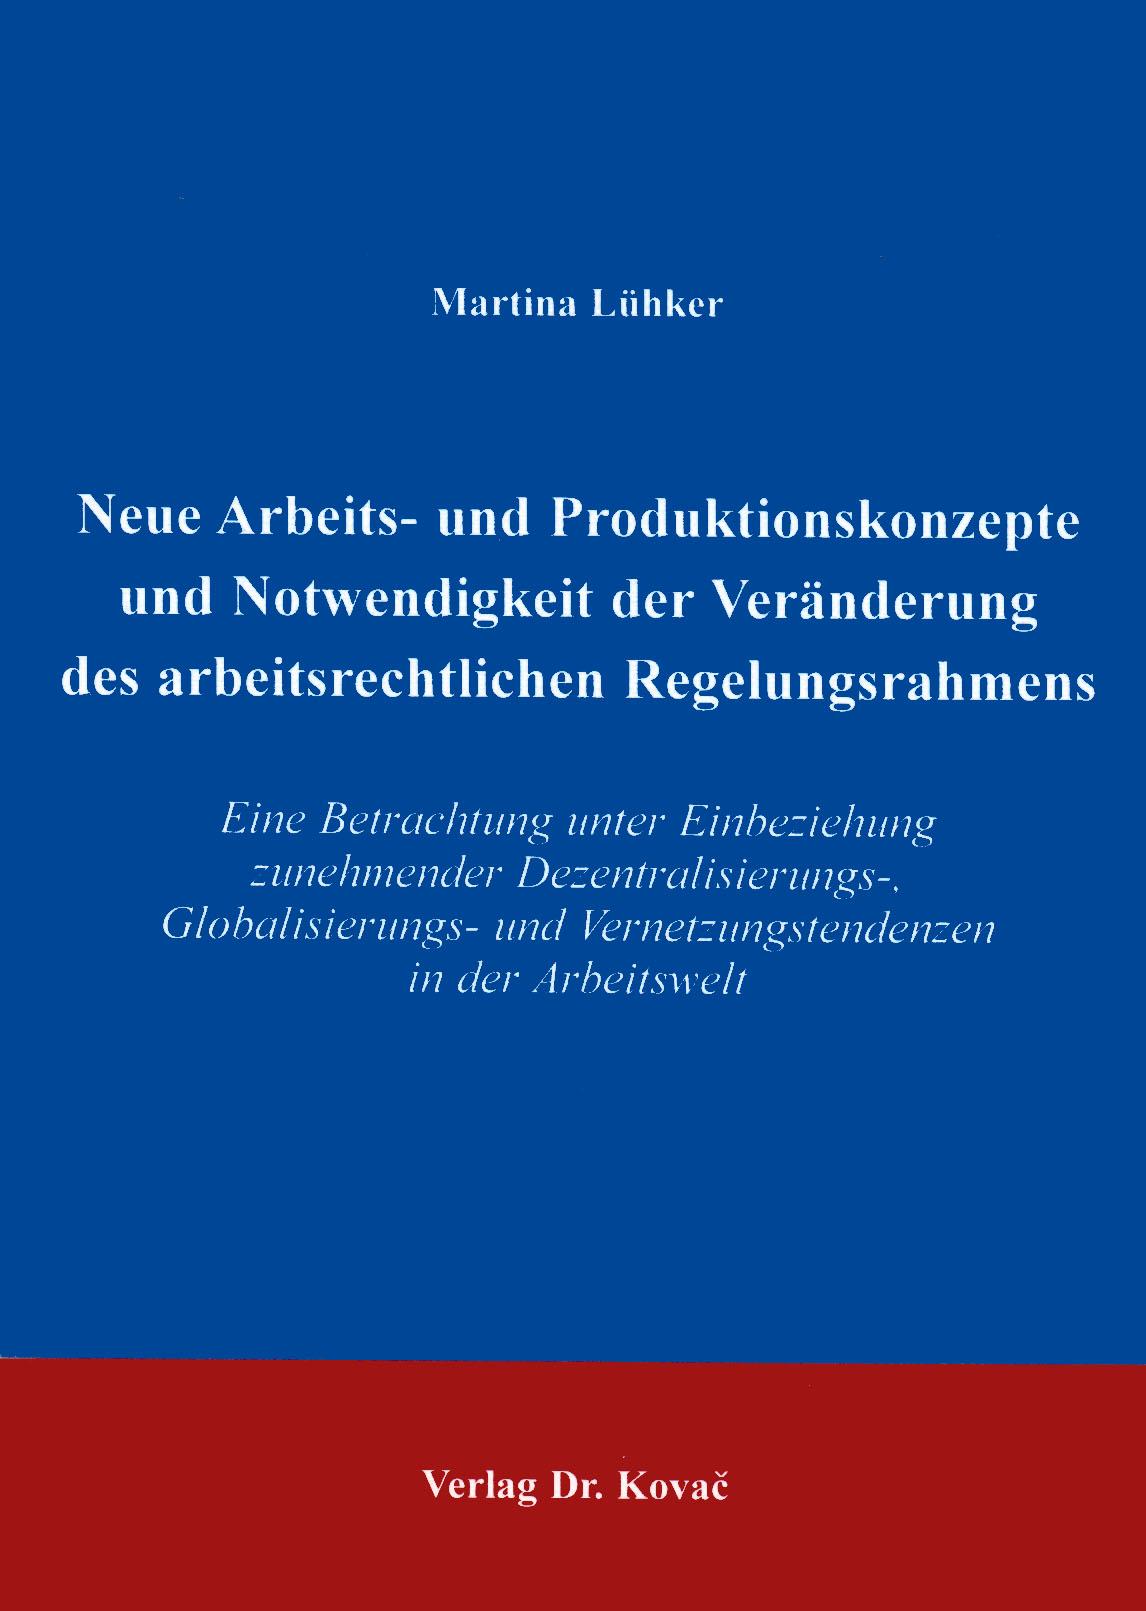 Cover: Neue Arbeits- und Produktionskonzepte und Notwendigkeit der Veränderung des arbeitsrechtlichen Regelungsrahmens